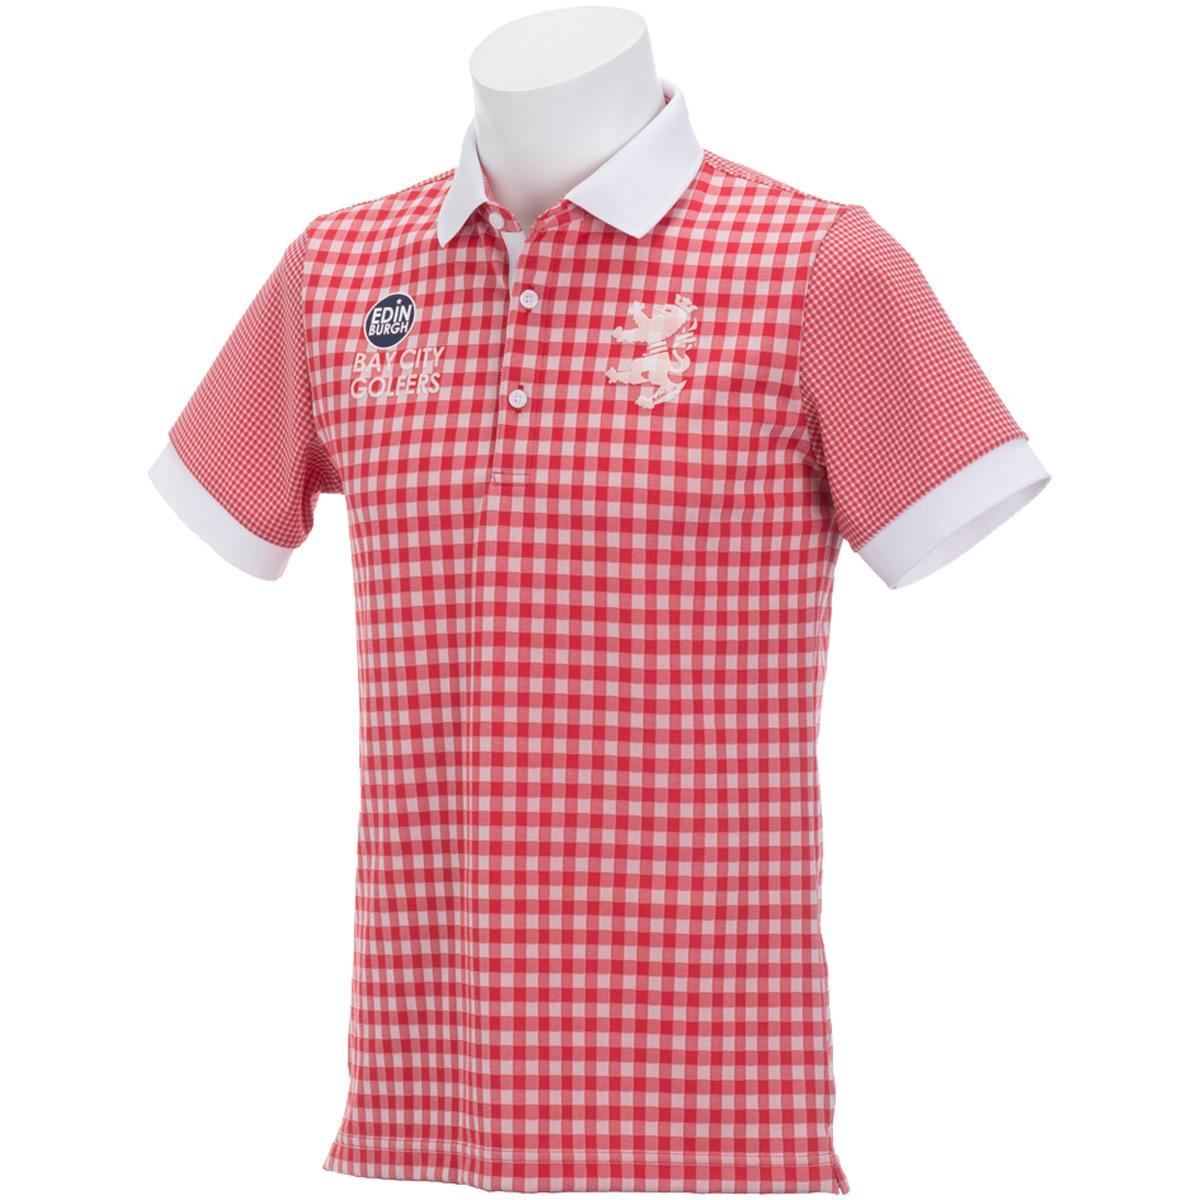 ギンガムミックス 半袖ポロシャツ